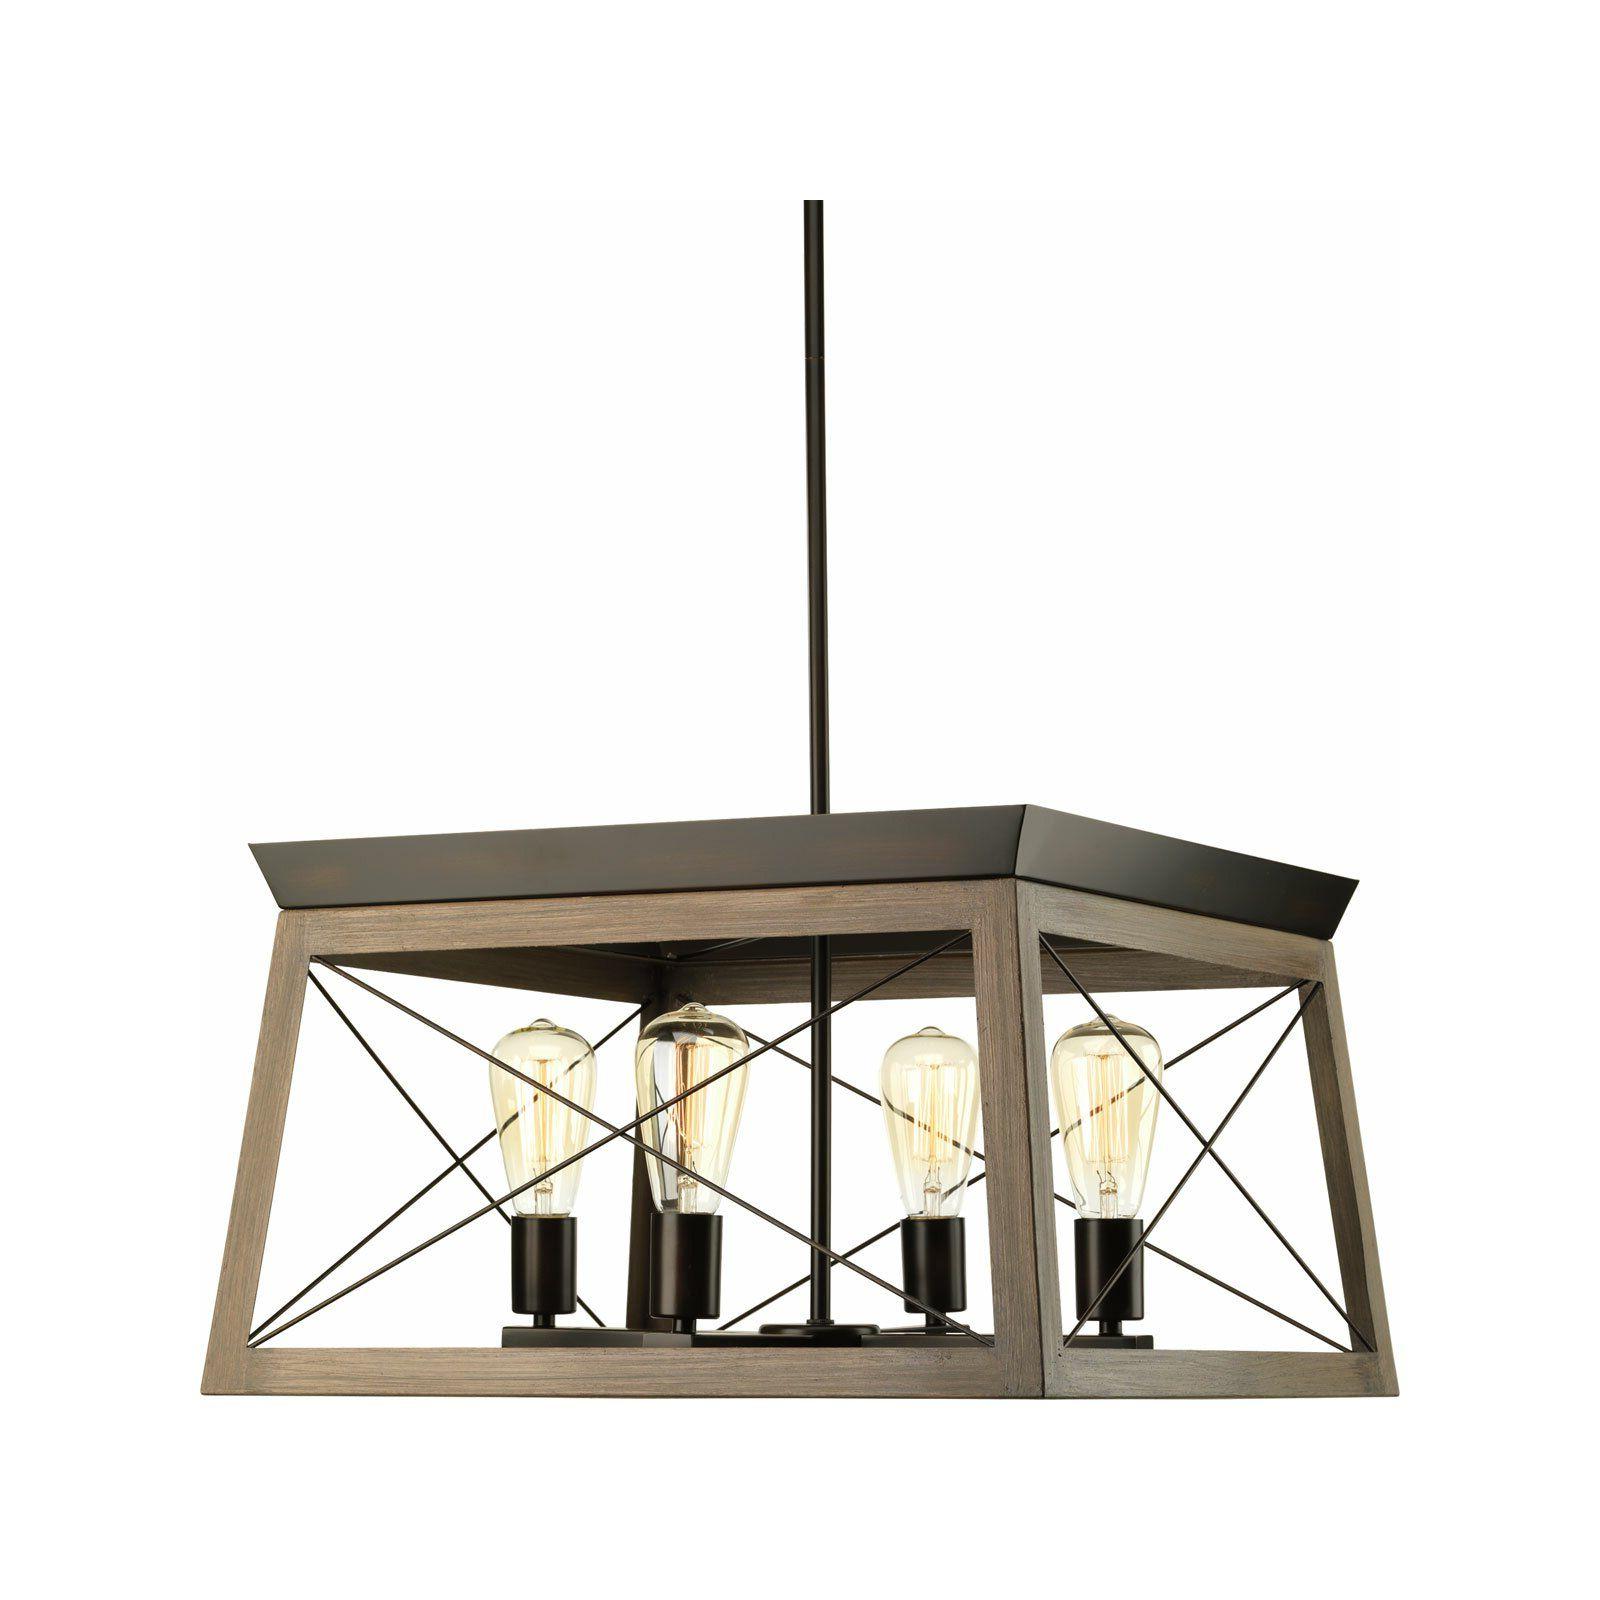 Preferred Laurel Foundry Modern Farmhouse Delon 4 Light Square In Delon 4 Light Square Chandeliers (View 18 of 25)